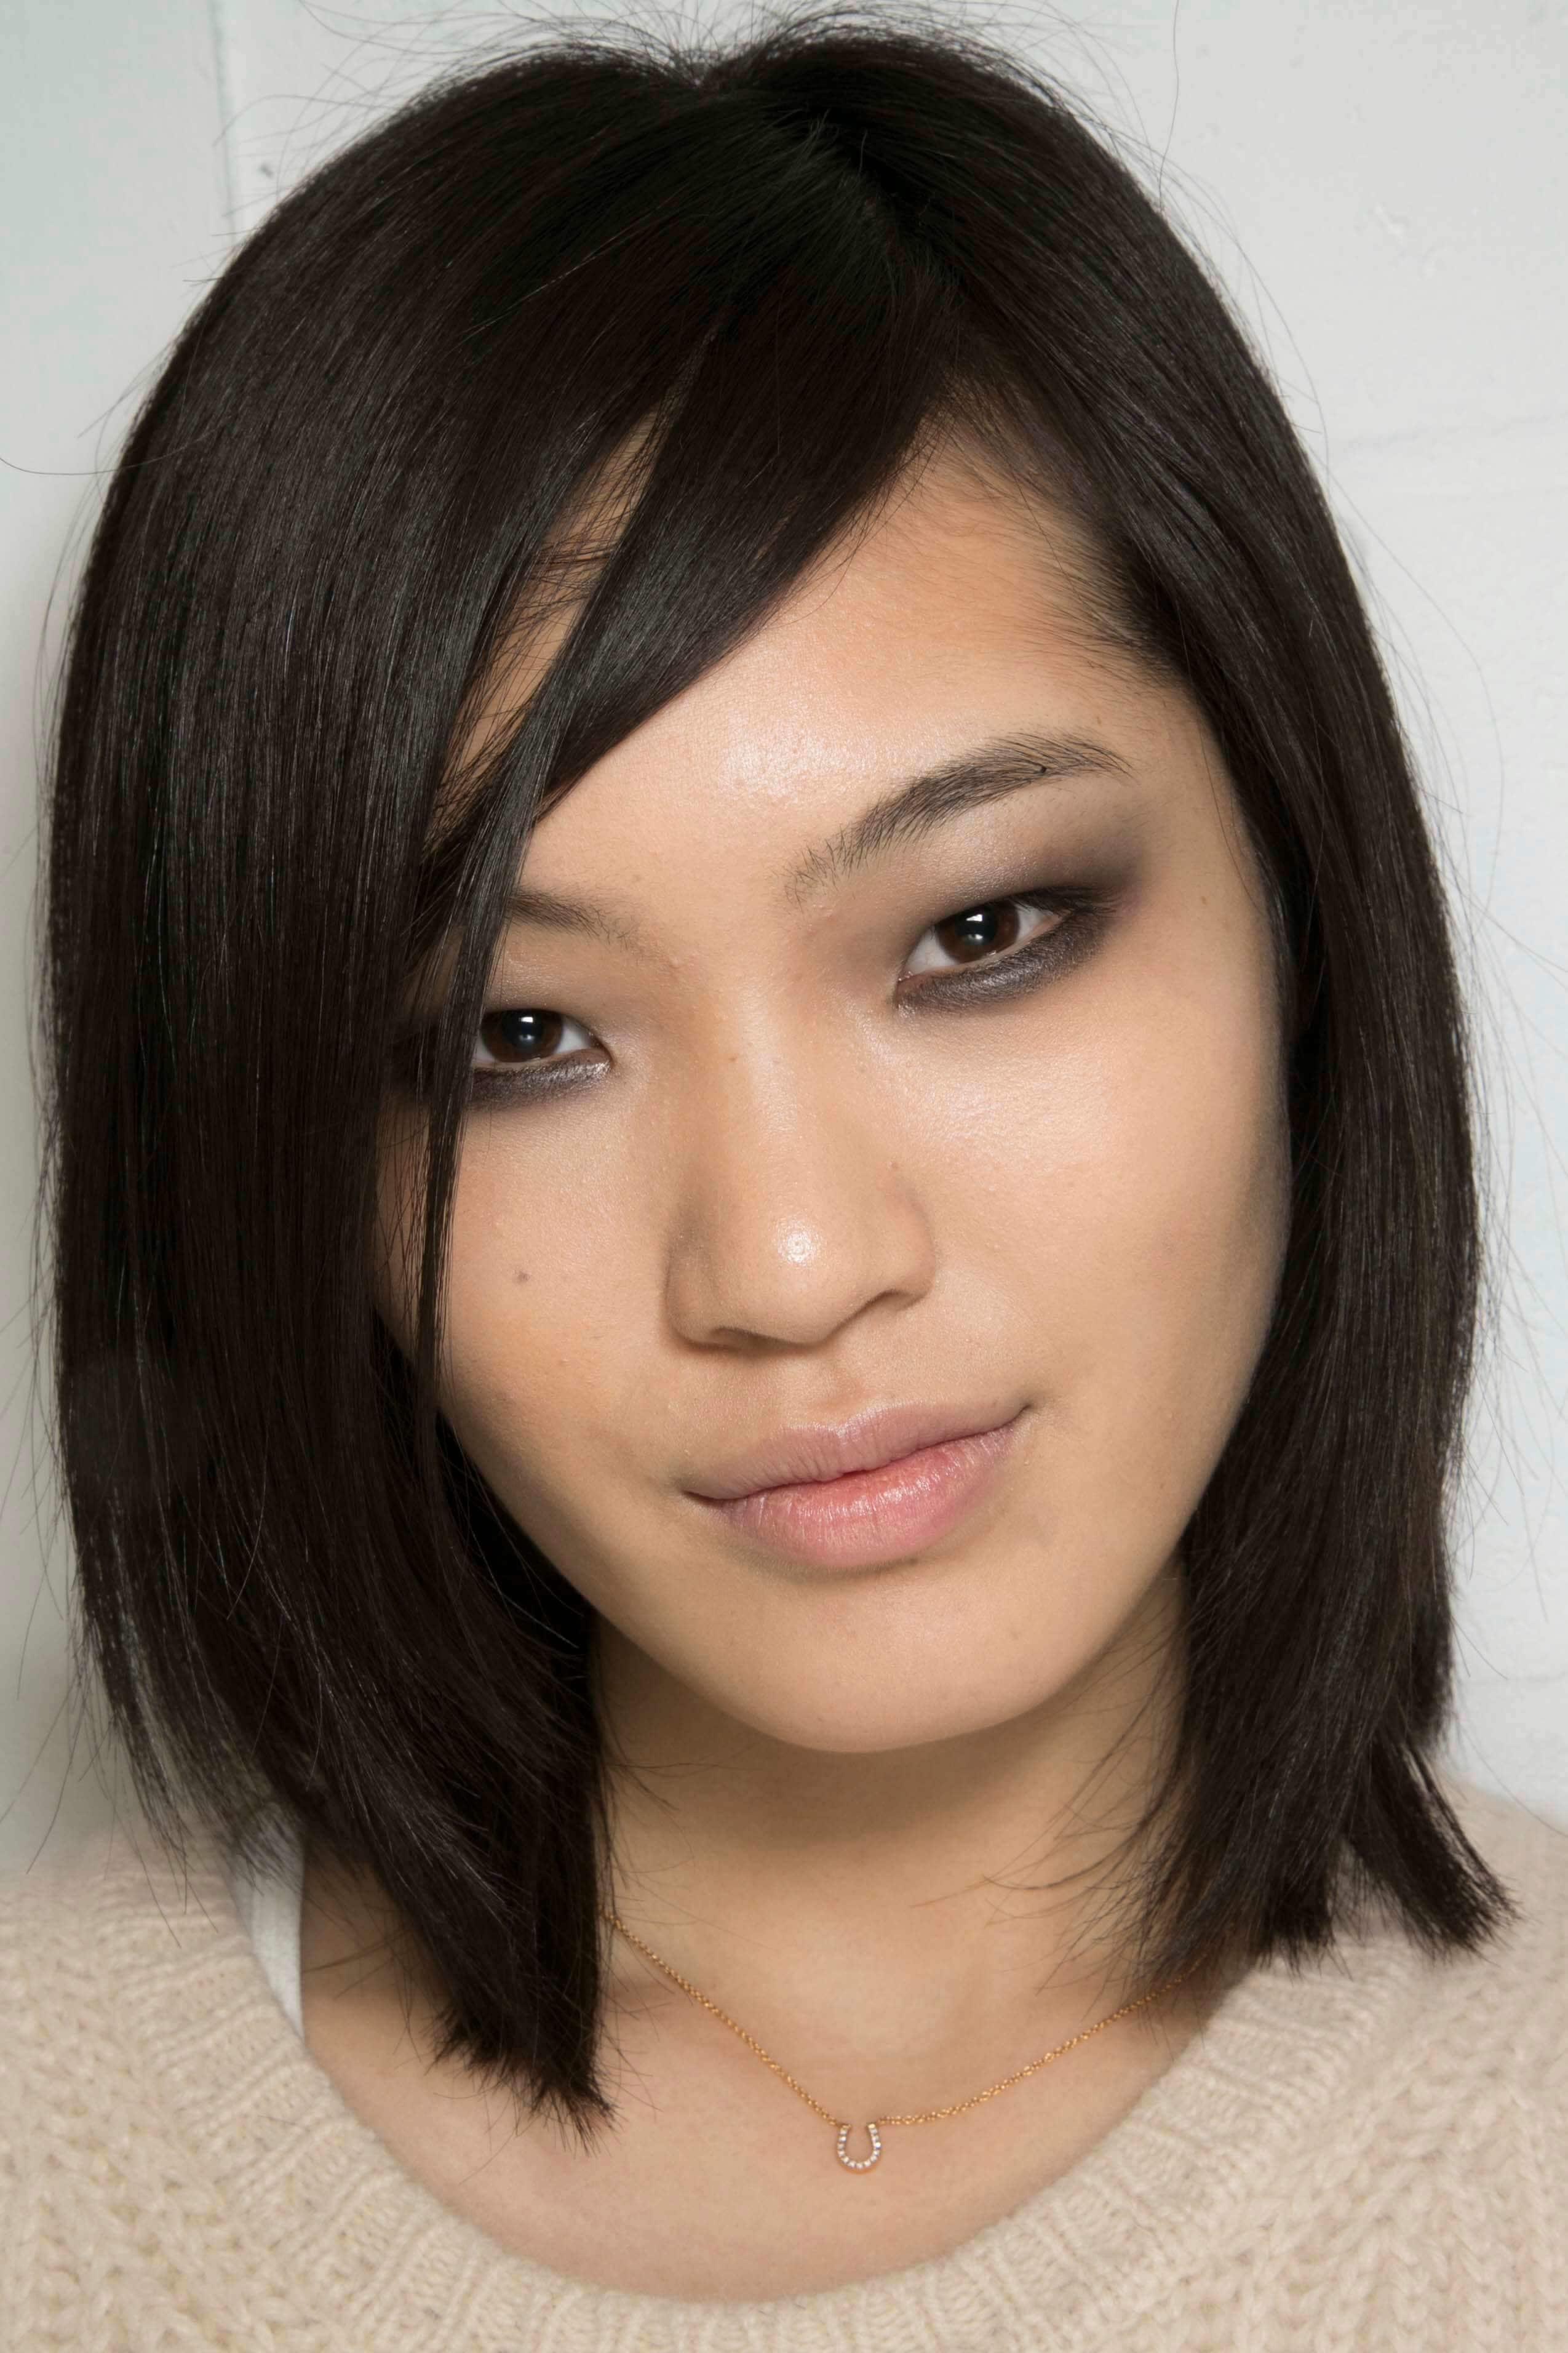 Gros plan d'une femme asiatique avec des cheveux noirs mi-longs et raides.